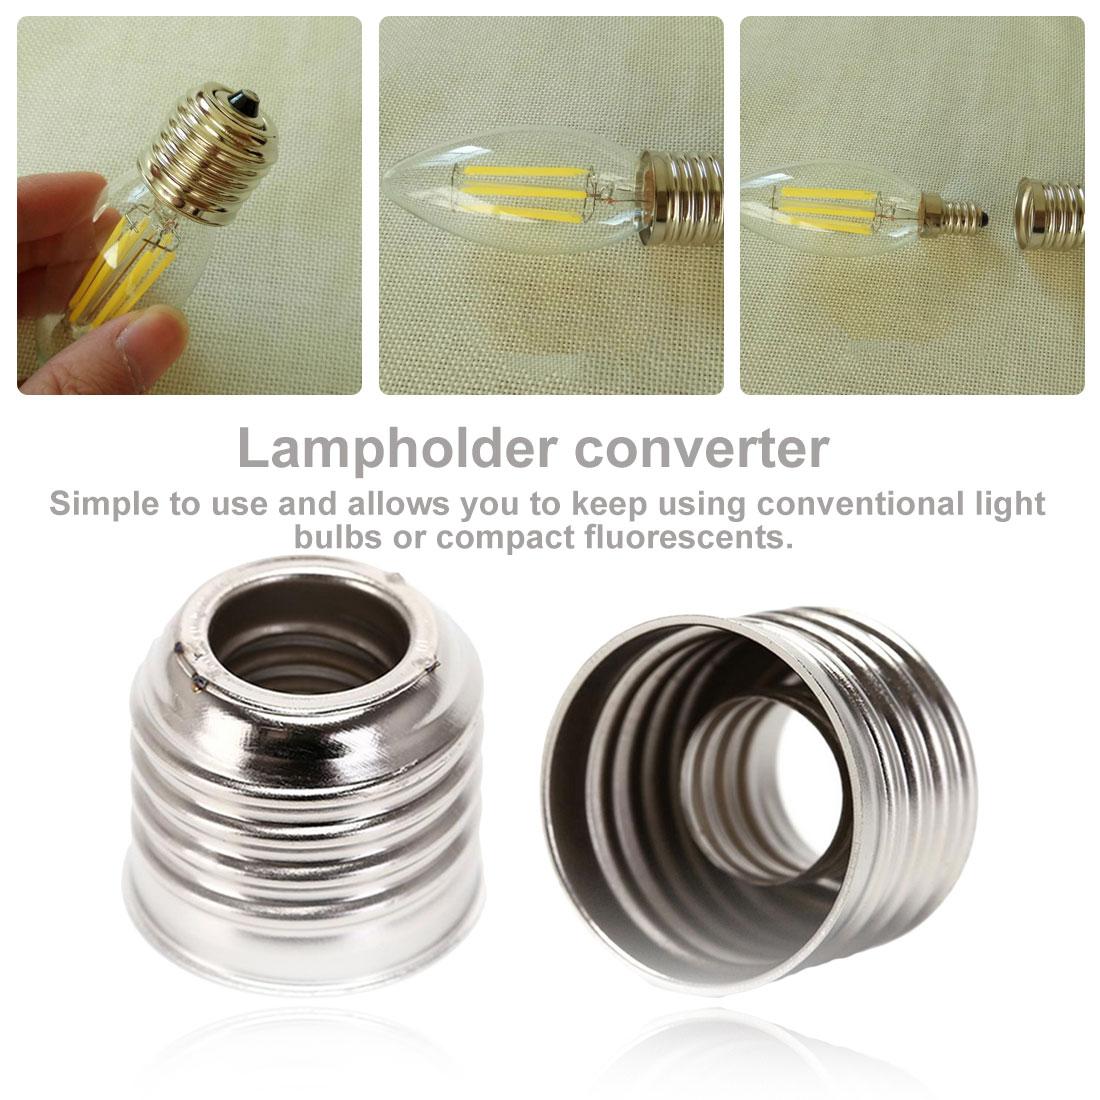 1PC E27 to E14 Lamp Holder Converter Socket Light Bulb Lamp Holder Adapter Plug Extender Led Light